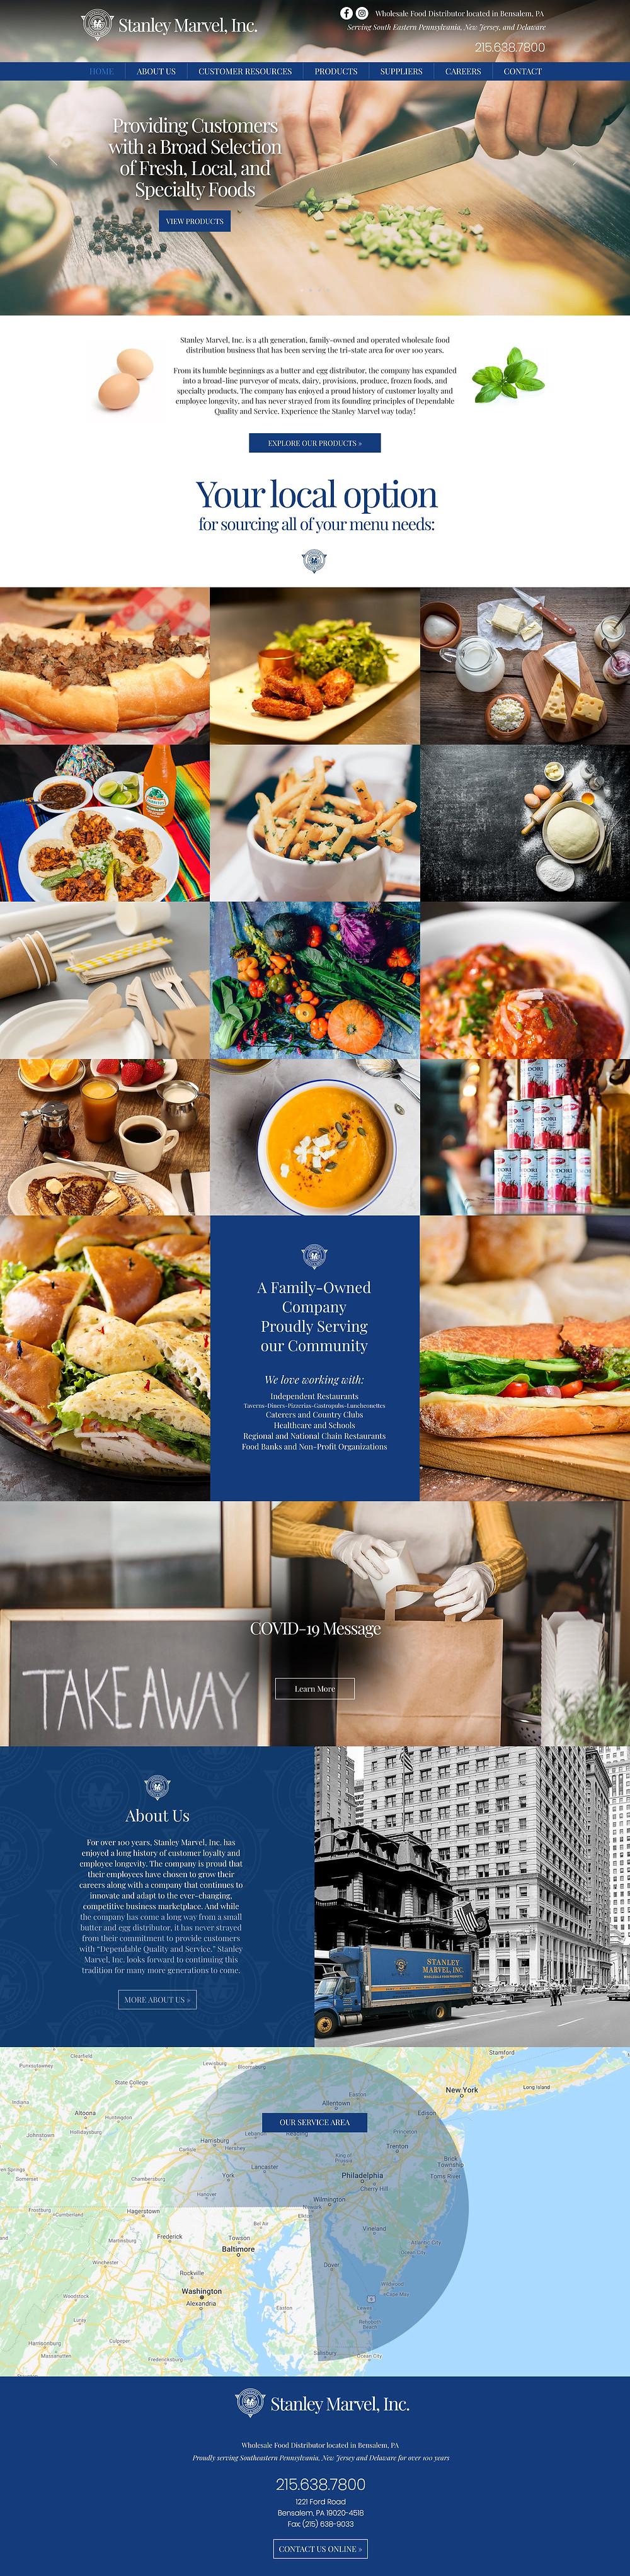 Wix Designers for Restaurant Food Business - Food Distributor Stanley Marvel